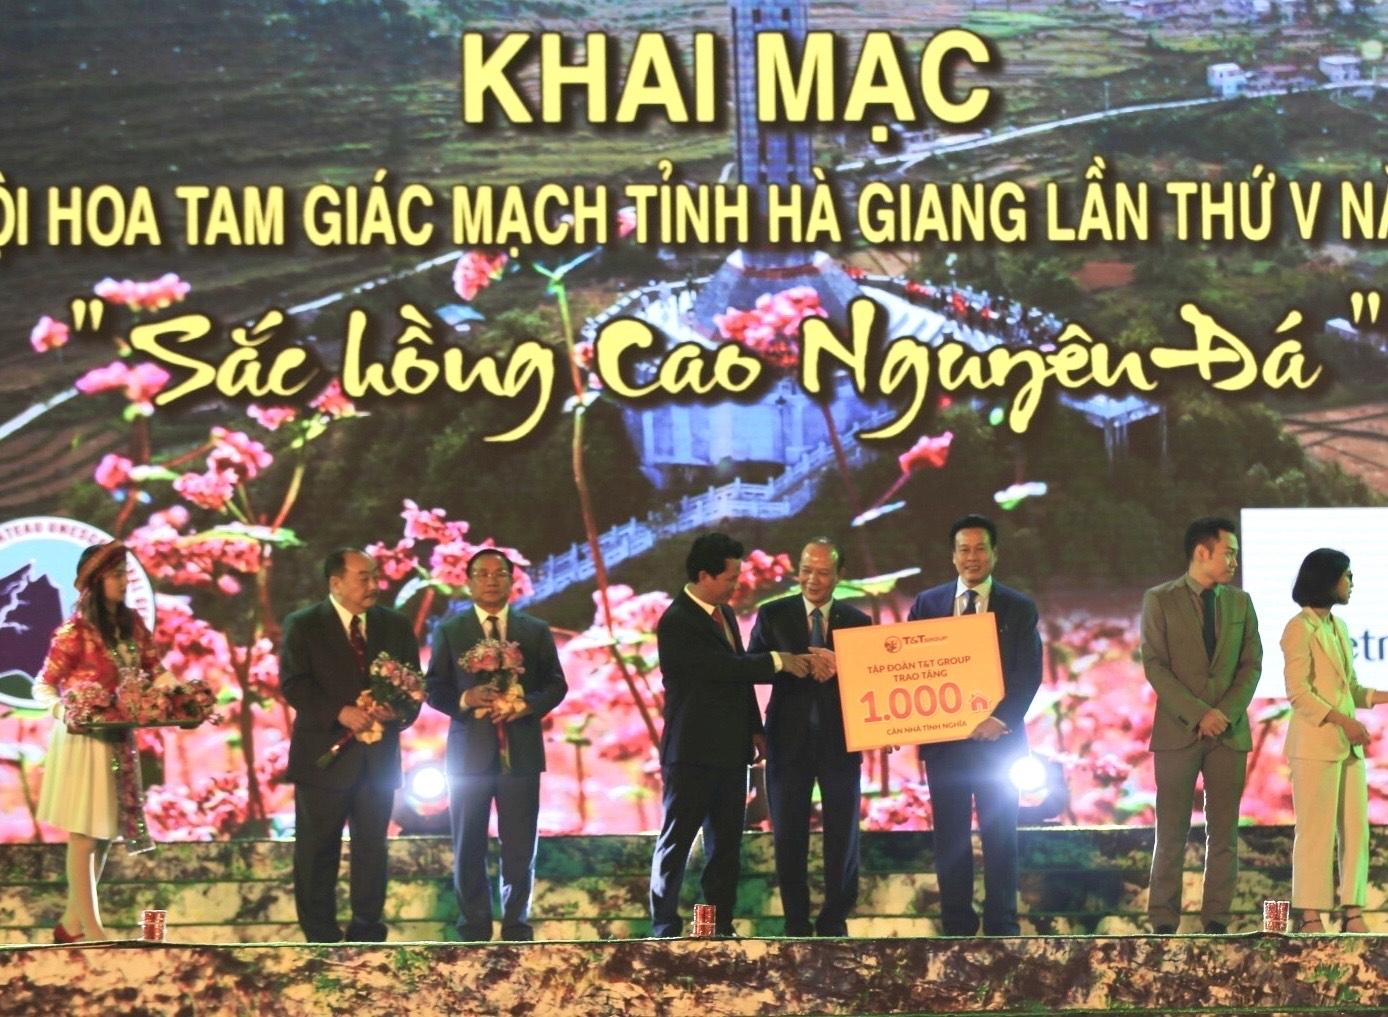 tap doan tt group trao tang tinh ha giang 1000 can nha tinh nghia